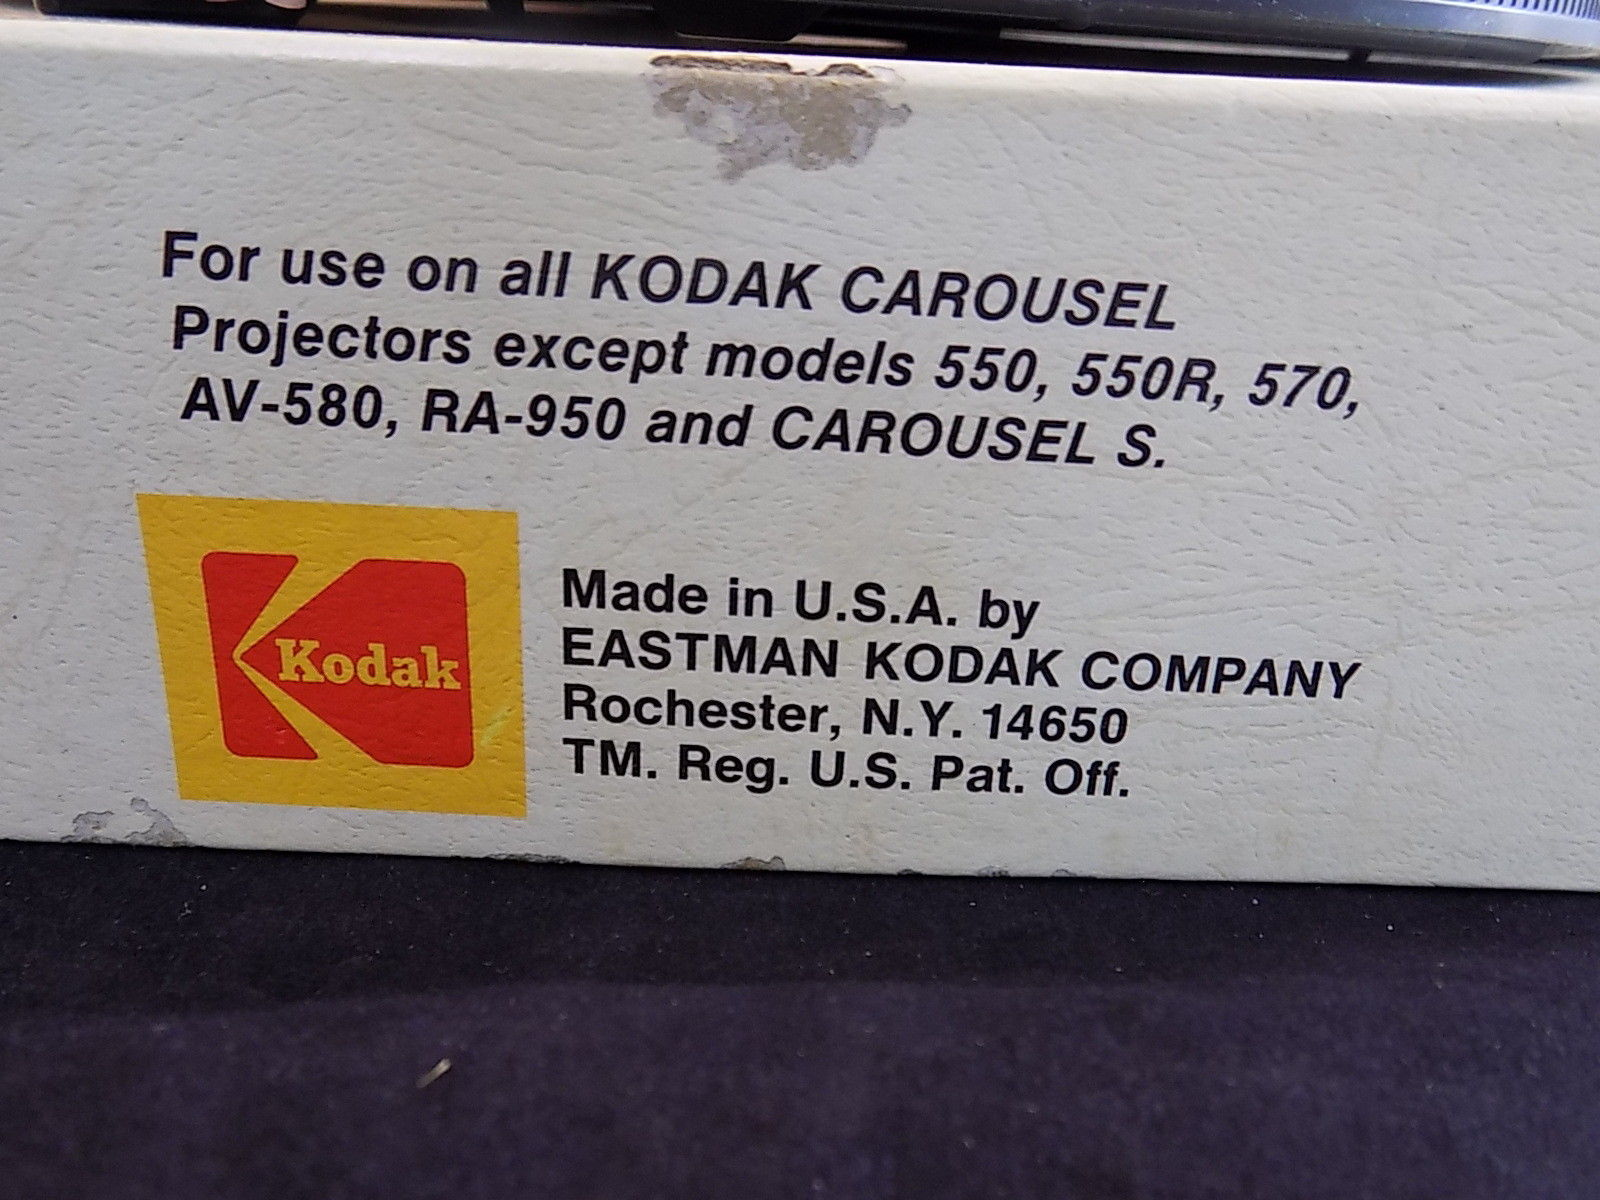 EASTMAN KODAK CAROUSEL SLIDE TRAYS Set of 2 Carousels Holds 140 and 80 Slides